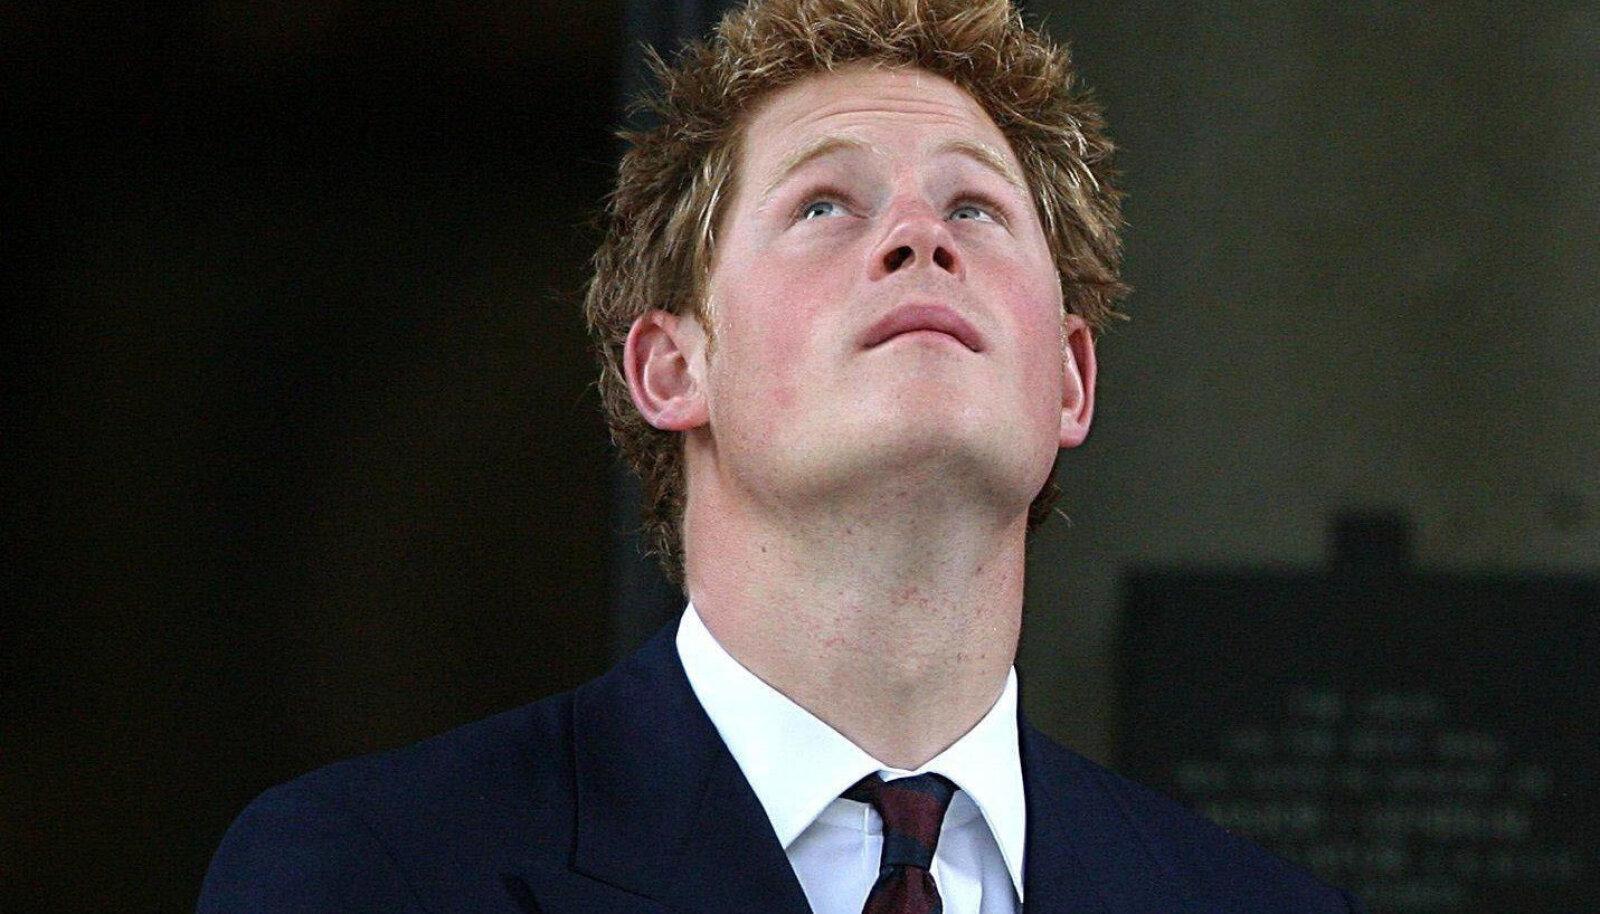 PRINTSI PIINAD Vaatamata oma privileegitud staatusele on Harry näinud oma 37 eluaasta jooksul rohkem kurbust ja leina, kui paljud terve oma elu jooksul.